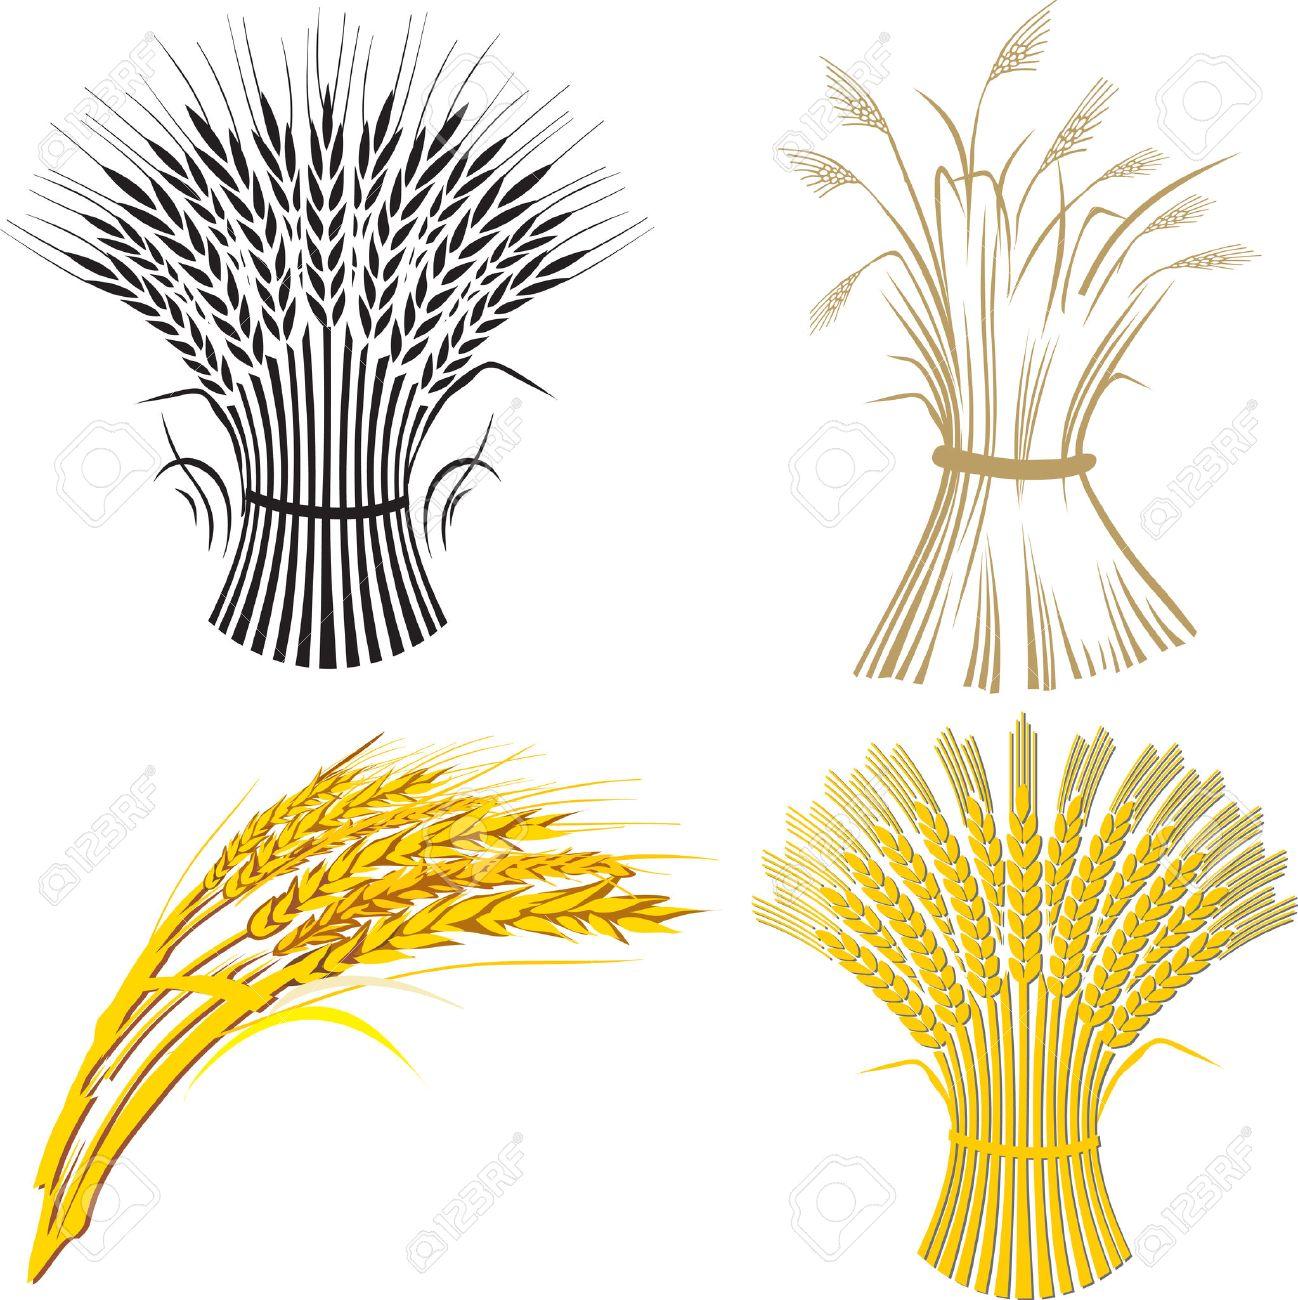 four wheat sheaf.